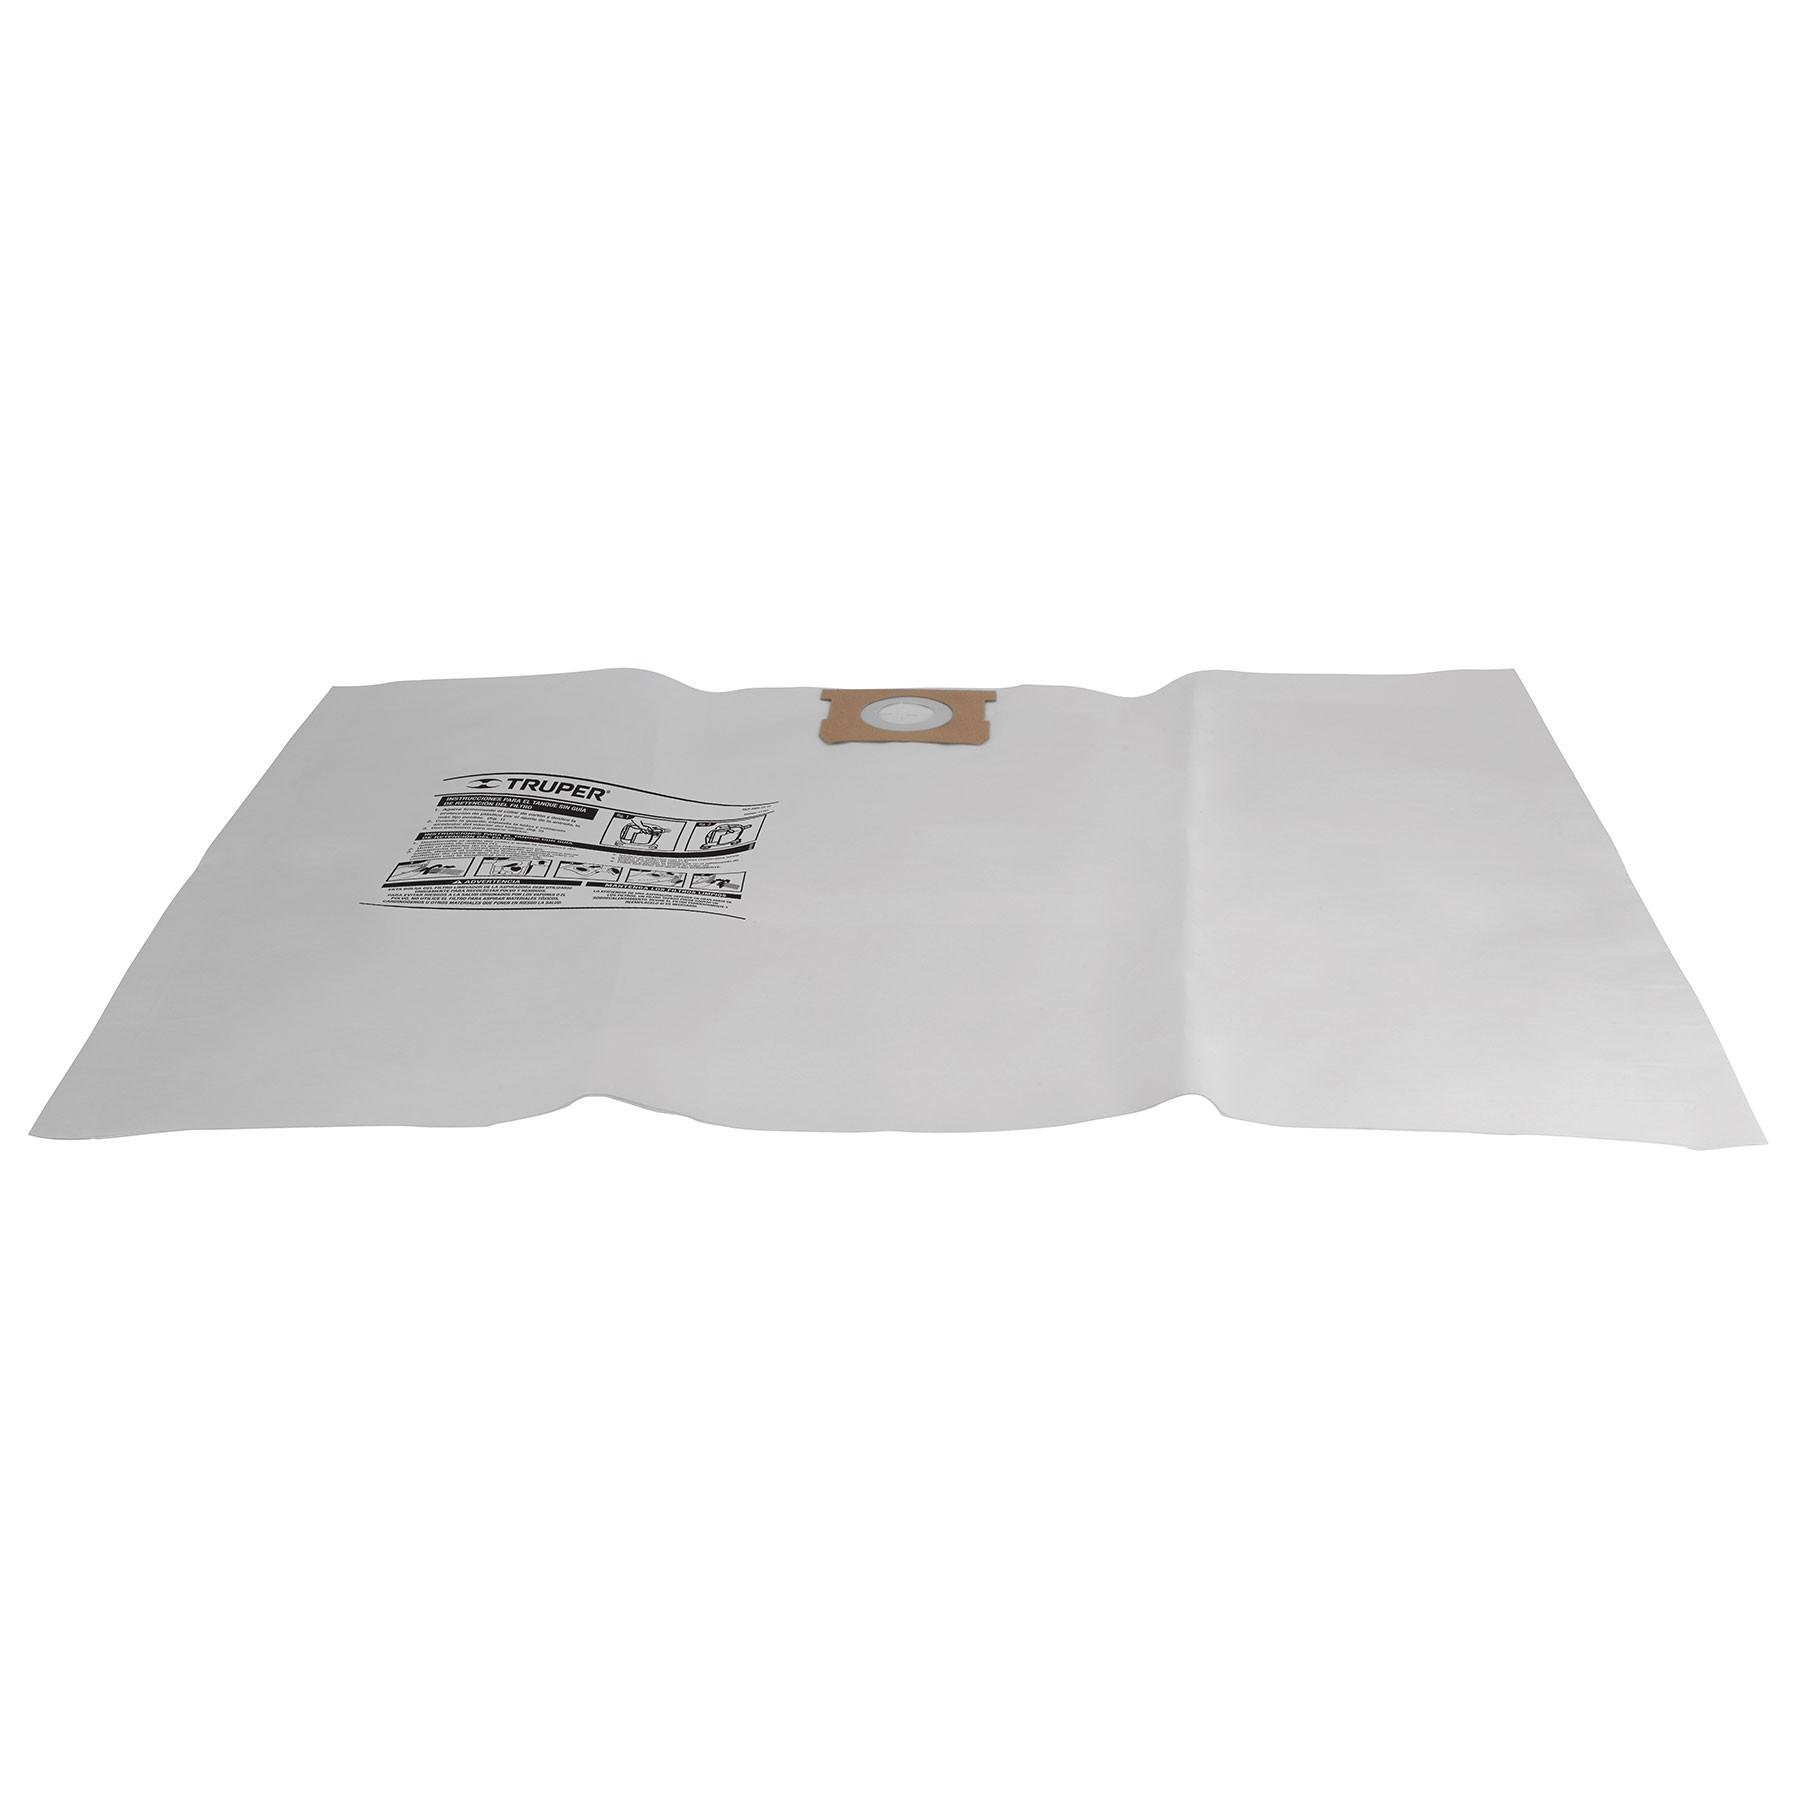 Filtro de papel para aspiradoras ASPI-12 y ASPI-16